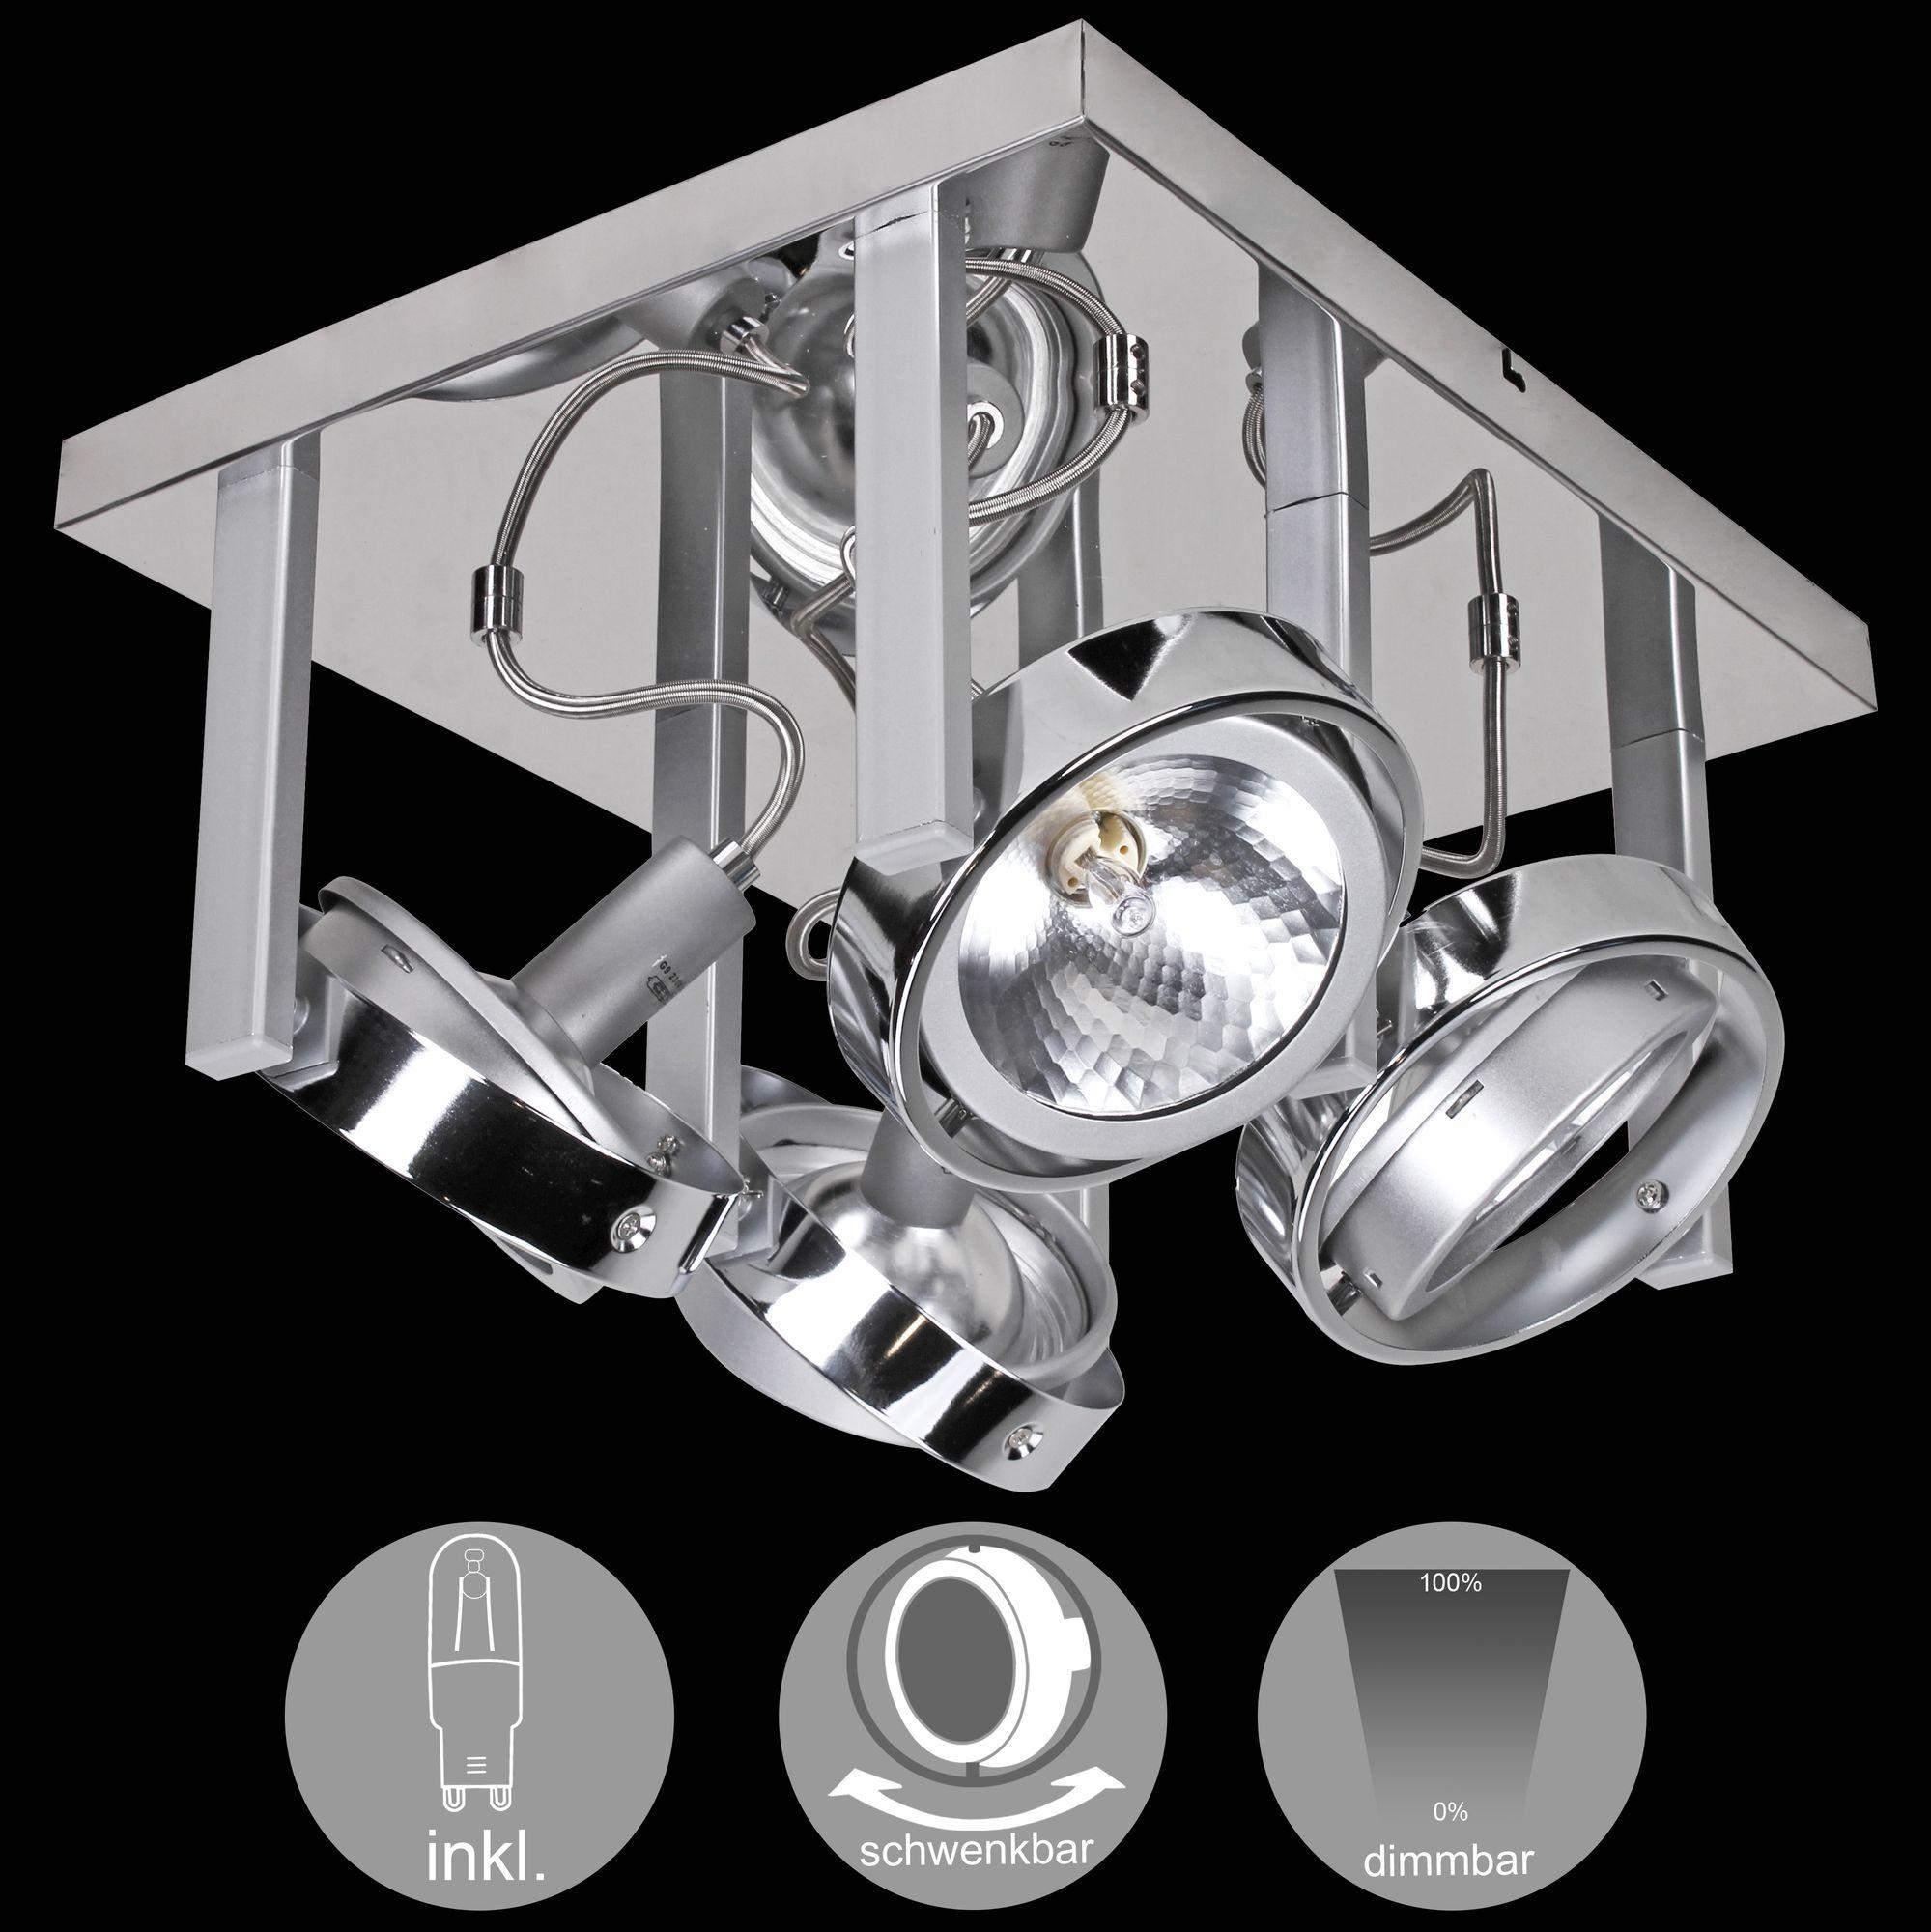 Full Size of Deckenlampen Schlafzimmer Wohnling 4 Flammige Design Deckenleuchte Aus Chrom Inkl Halogen Wiemann Günstig Loddenkemper Betten Wohnzimmer Regal Landhausstil Wohnzimmer Deckenlampen Schlafzimmer